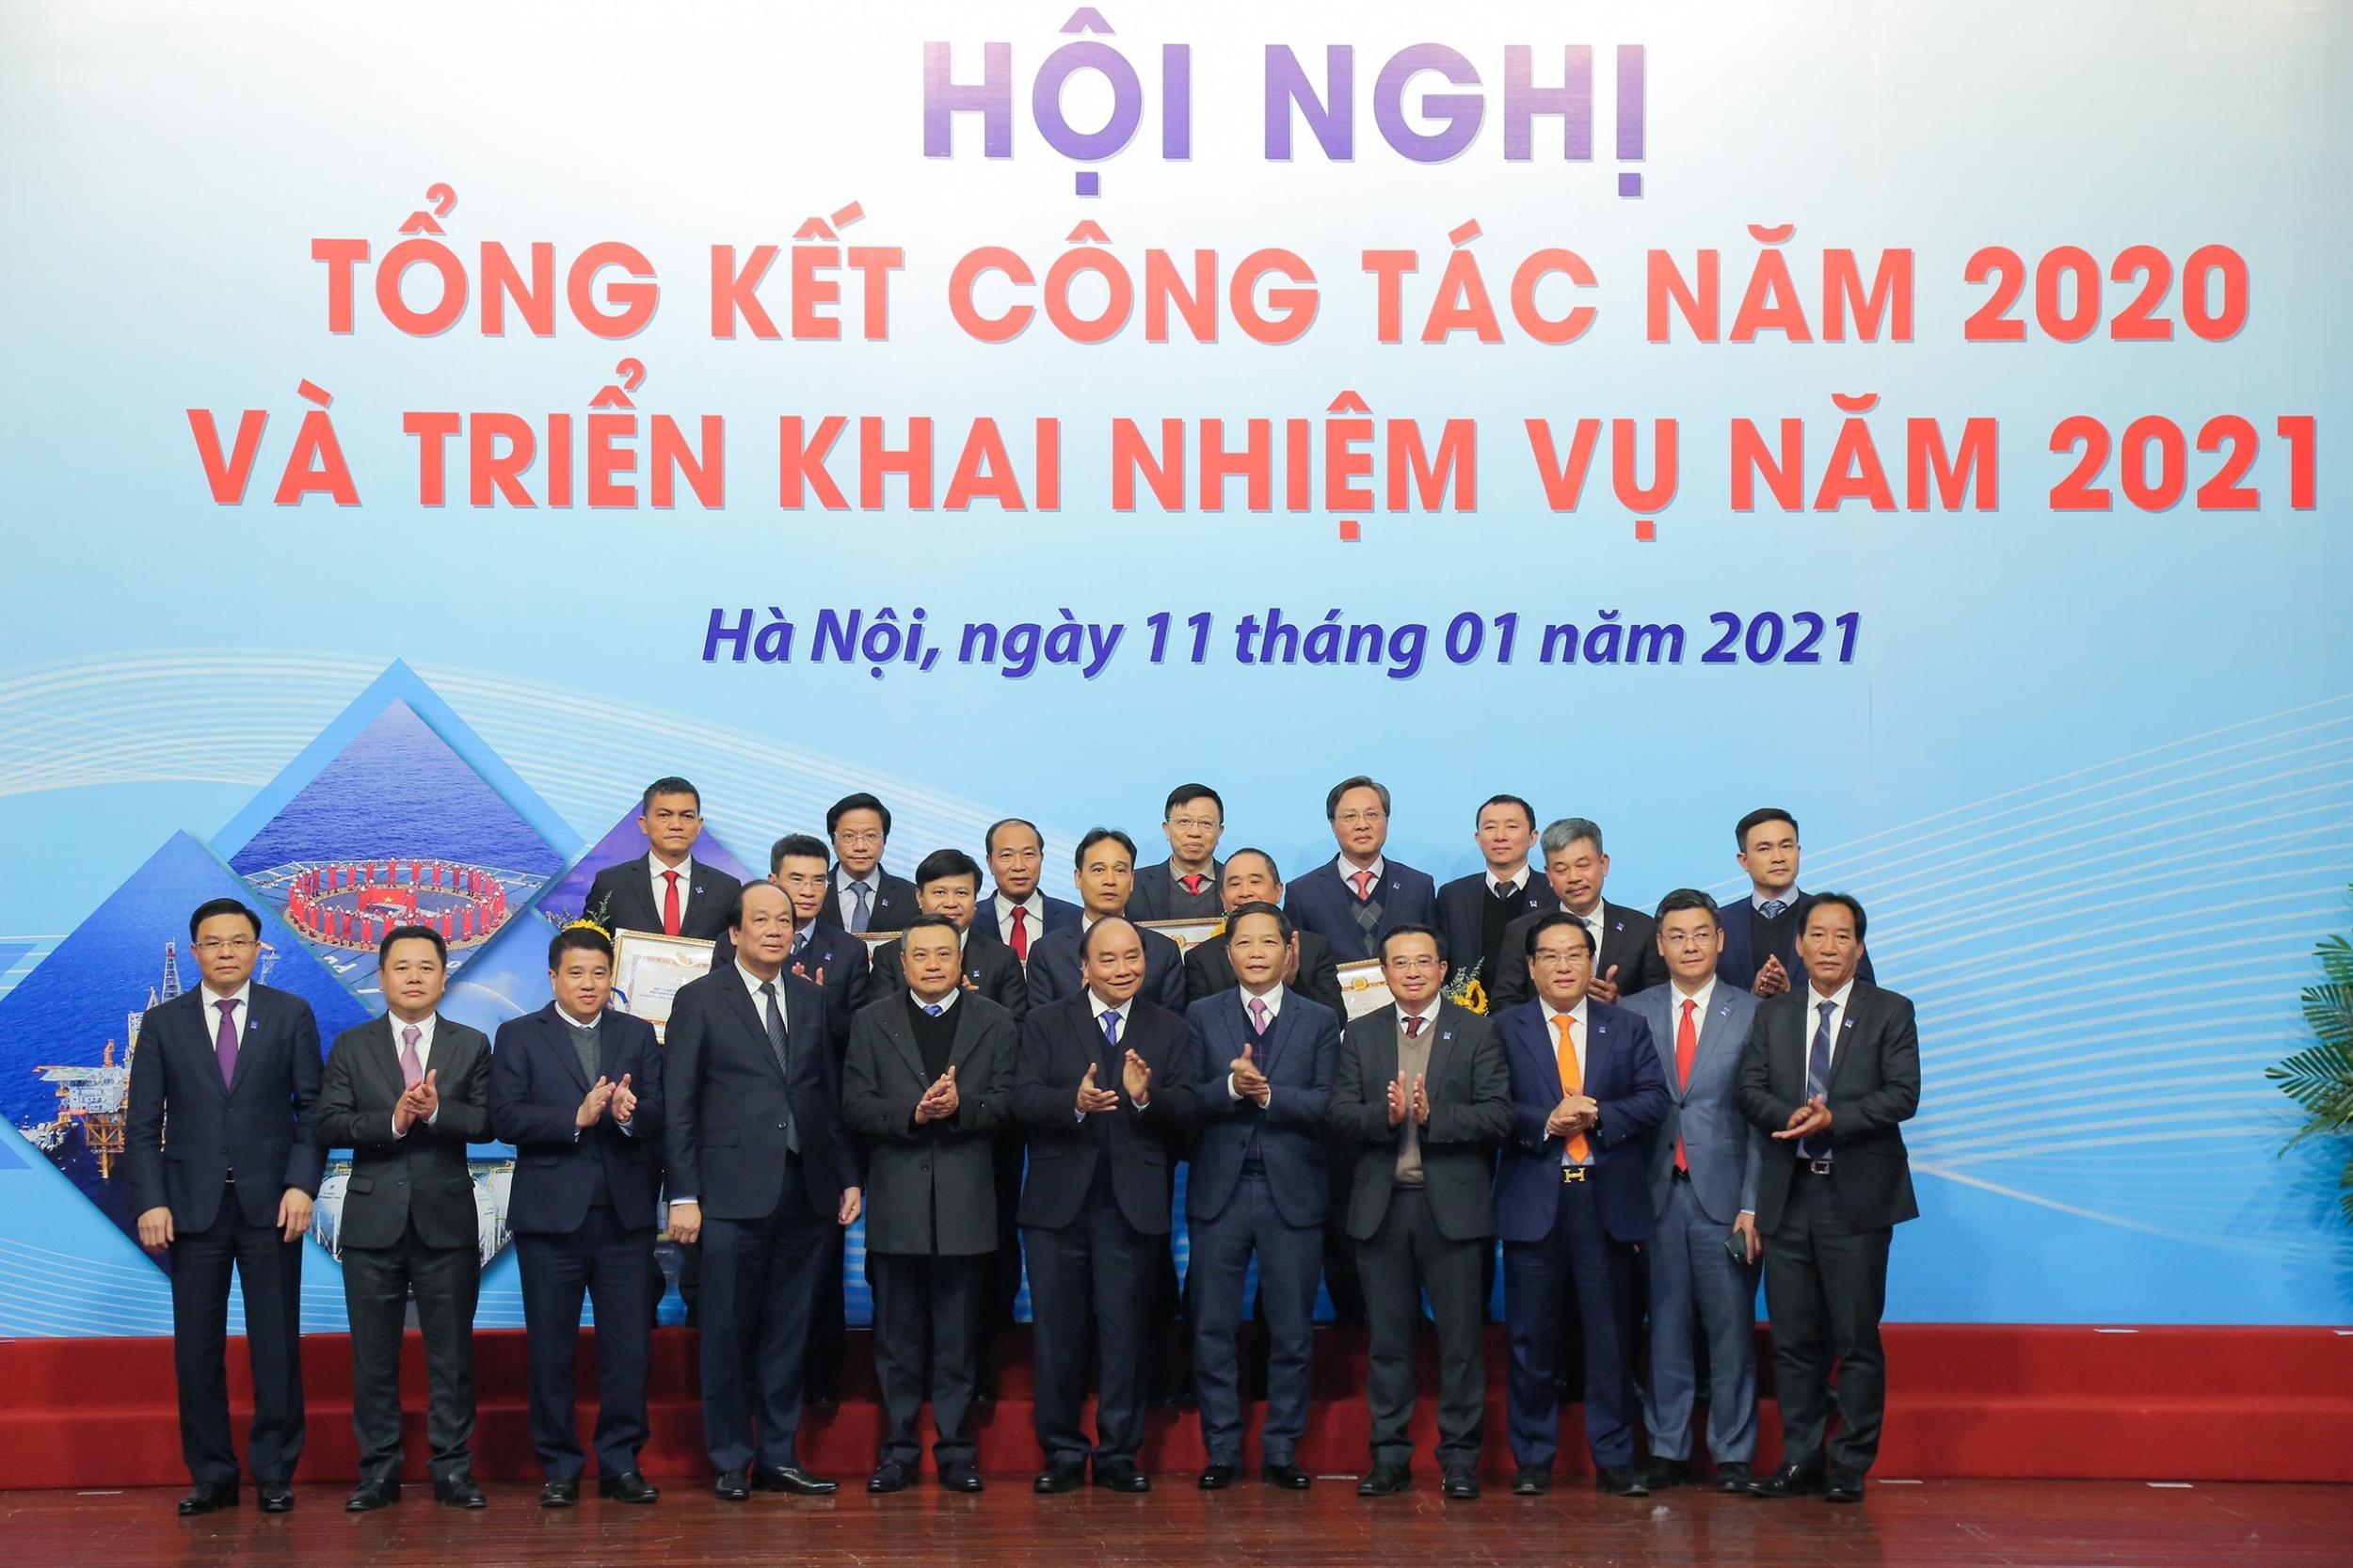 Thủ tướng Nguyễn Xuân Phúc chúc mừng các đơn vị xuất sắc giai đoạn 2015-2020